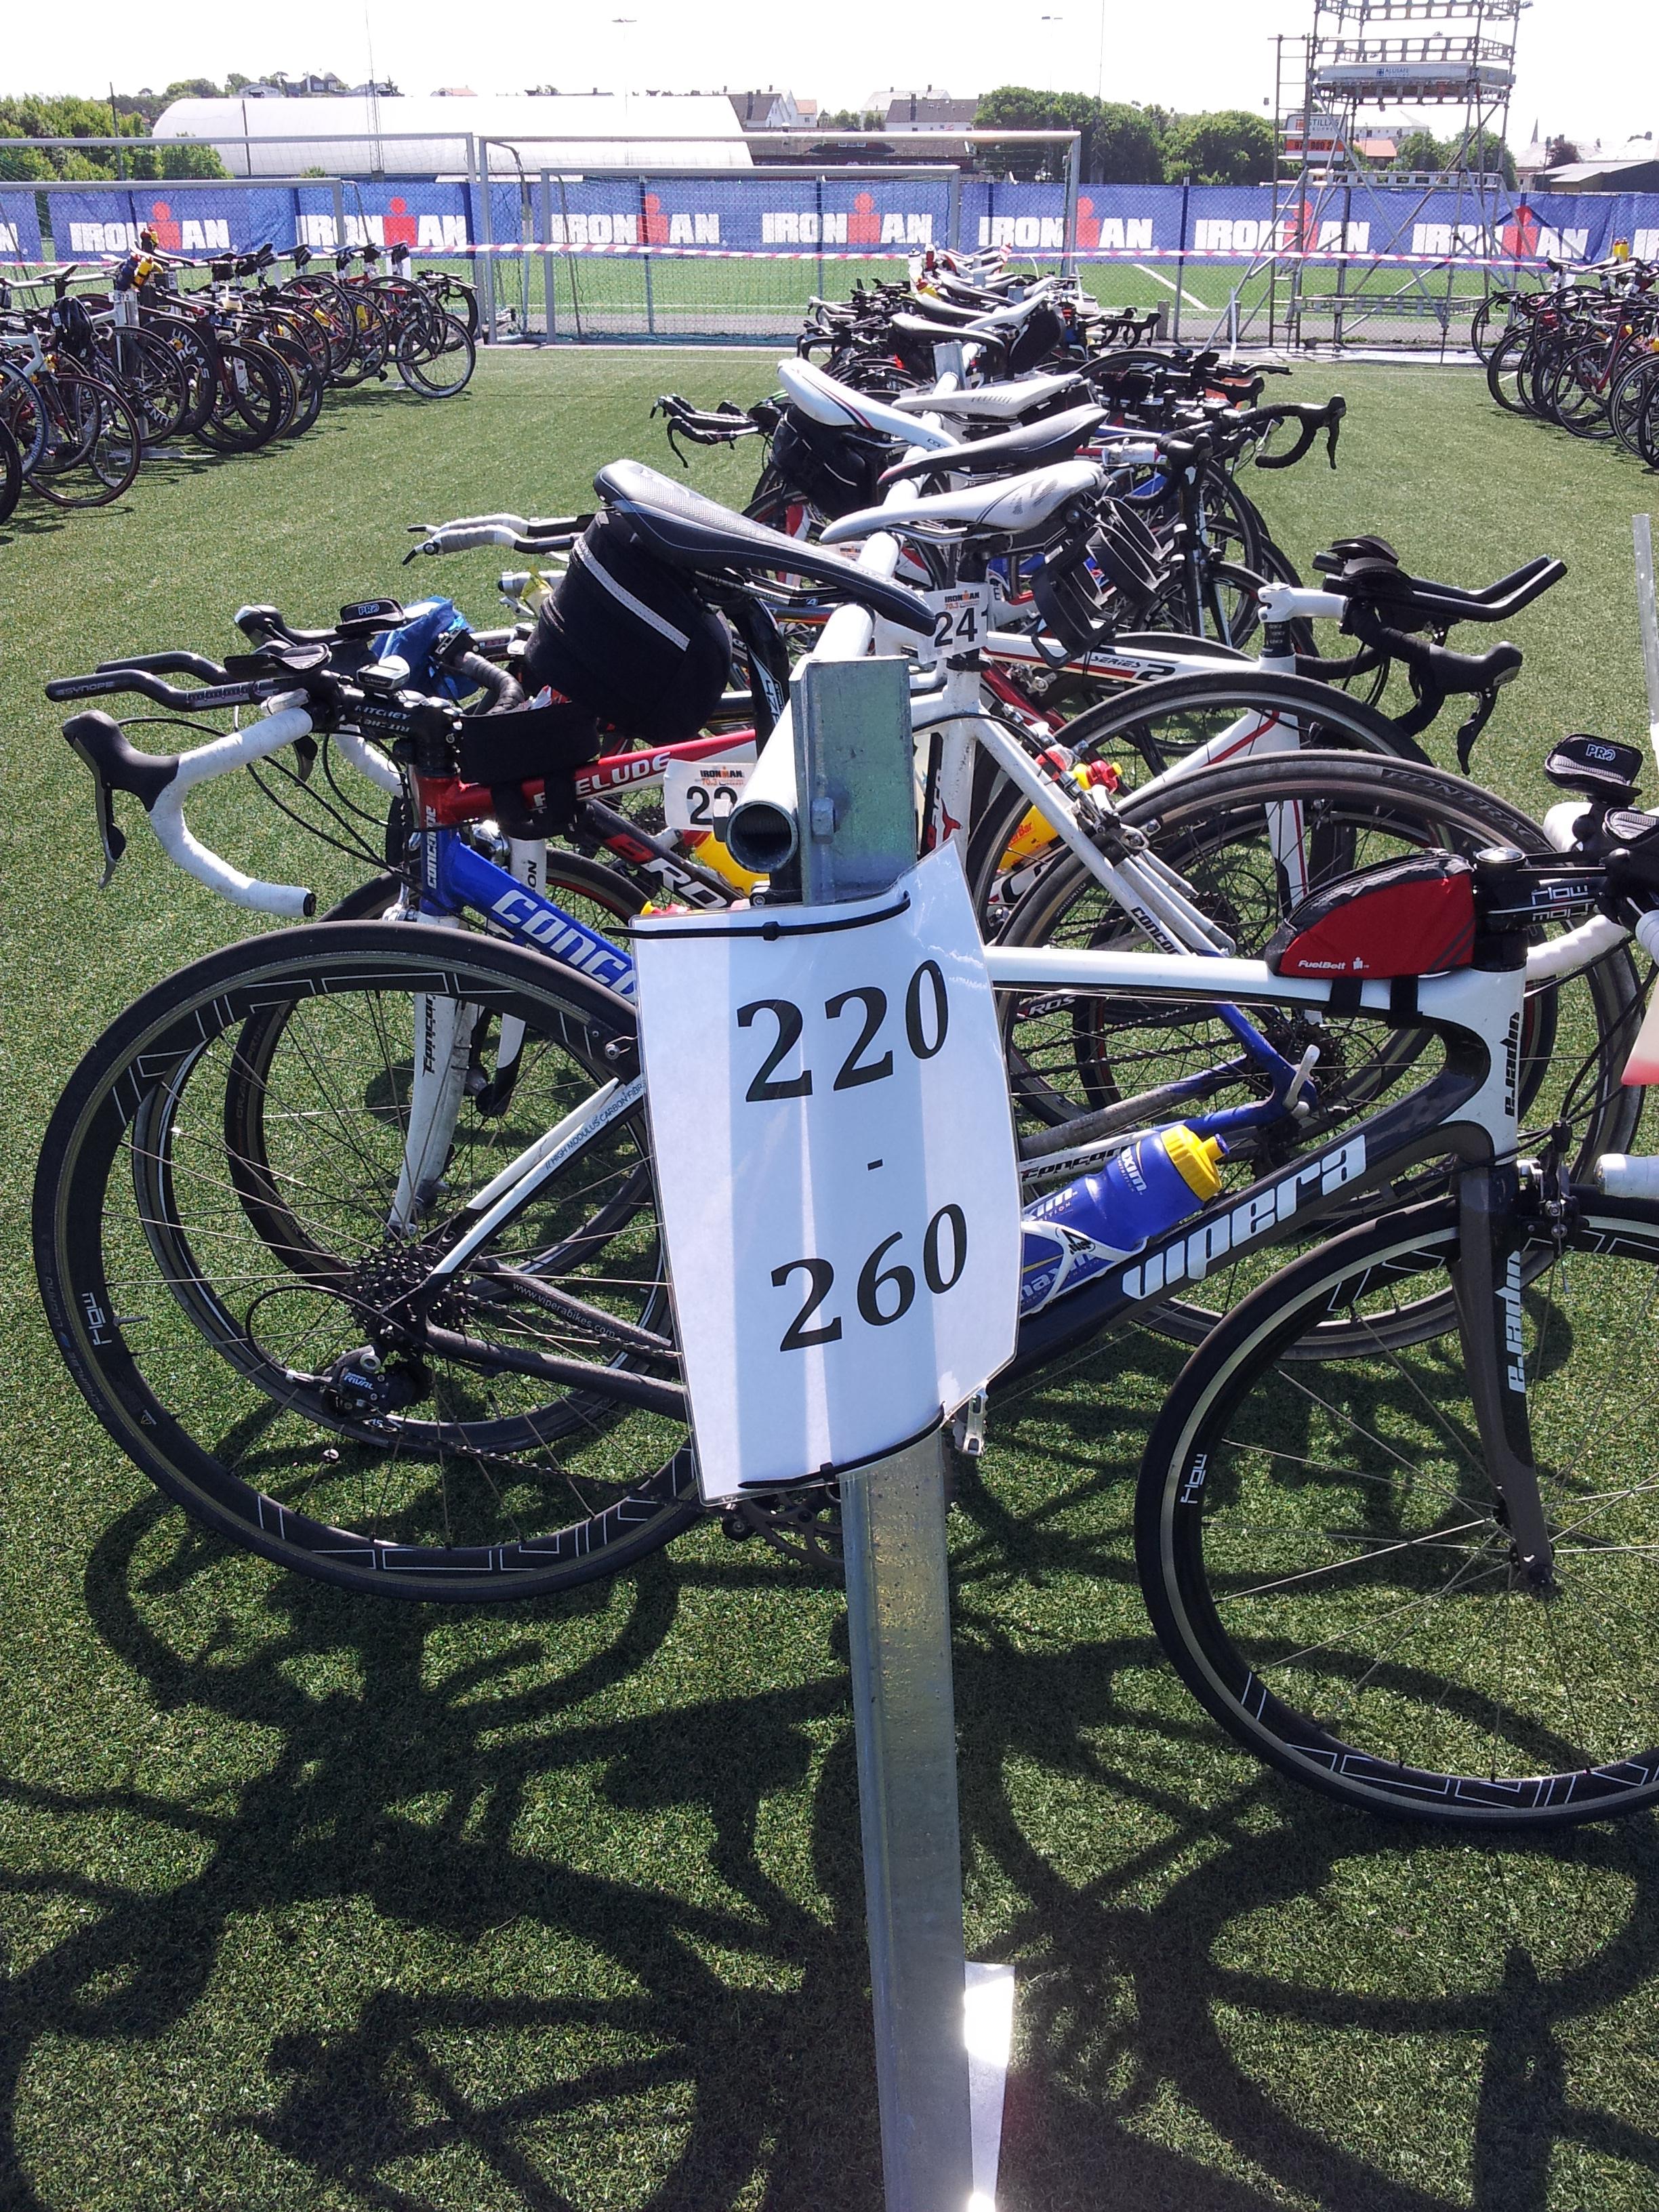 Noen som tør å anslå samlet verdi av sykler på stativet? ;)